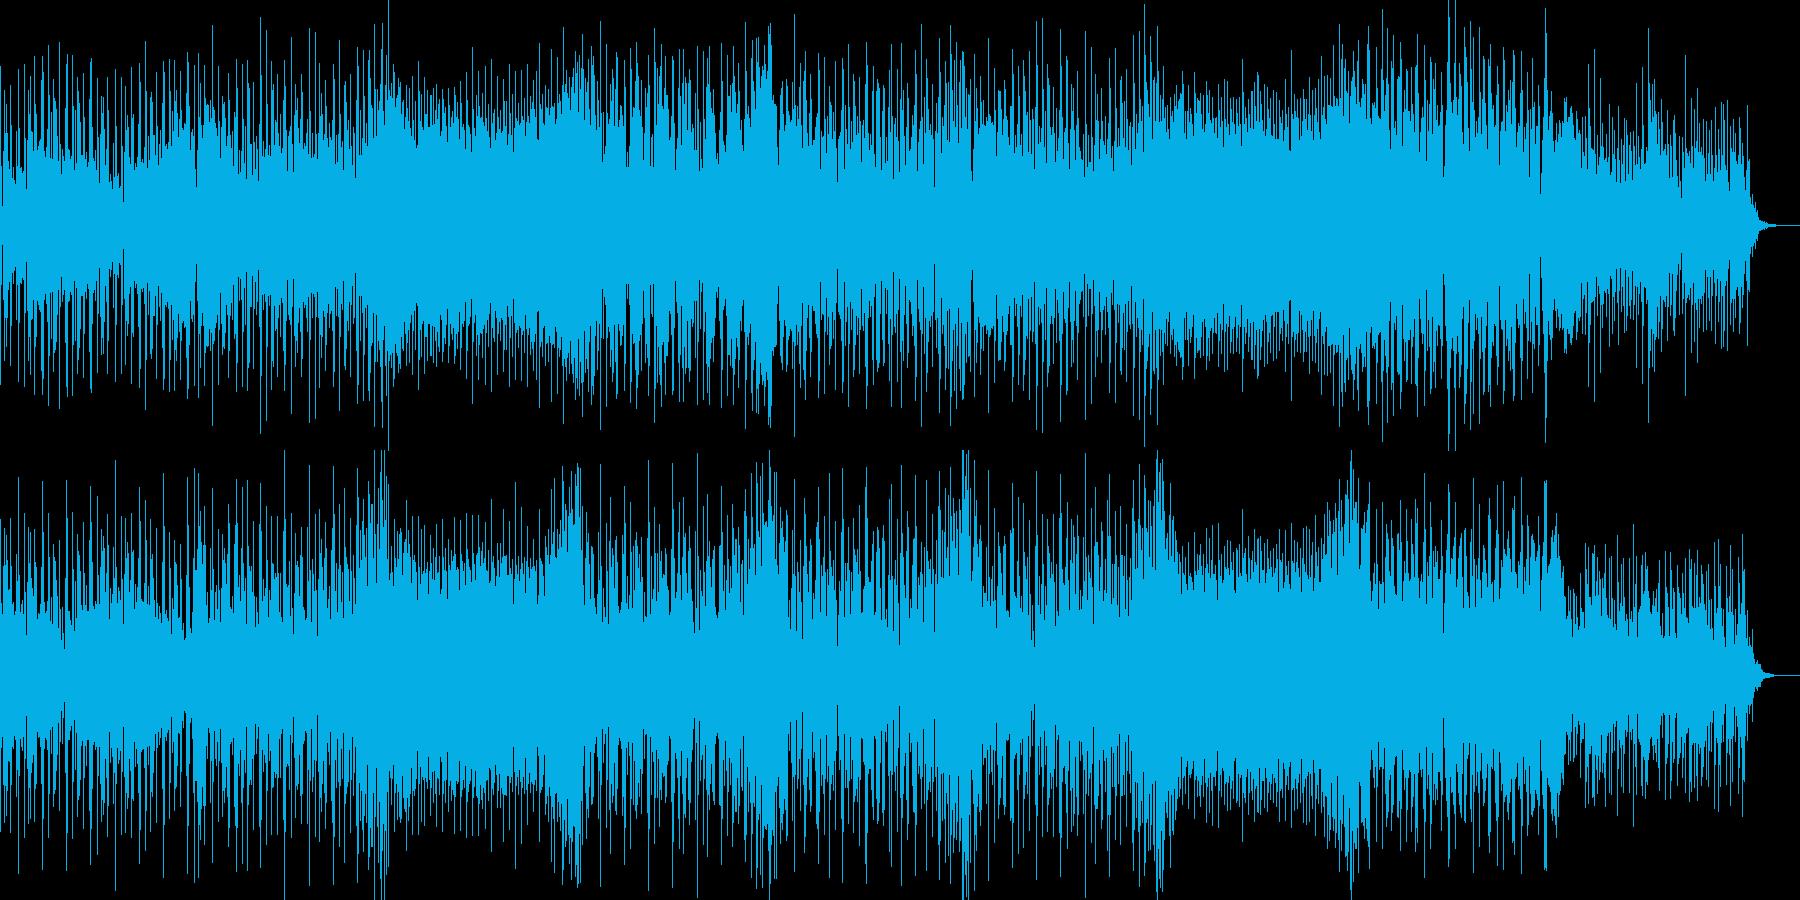 力強いスネアと切ないメロディが印象的な曲の再生済みの波形